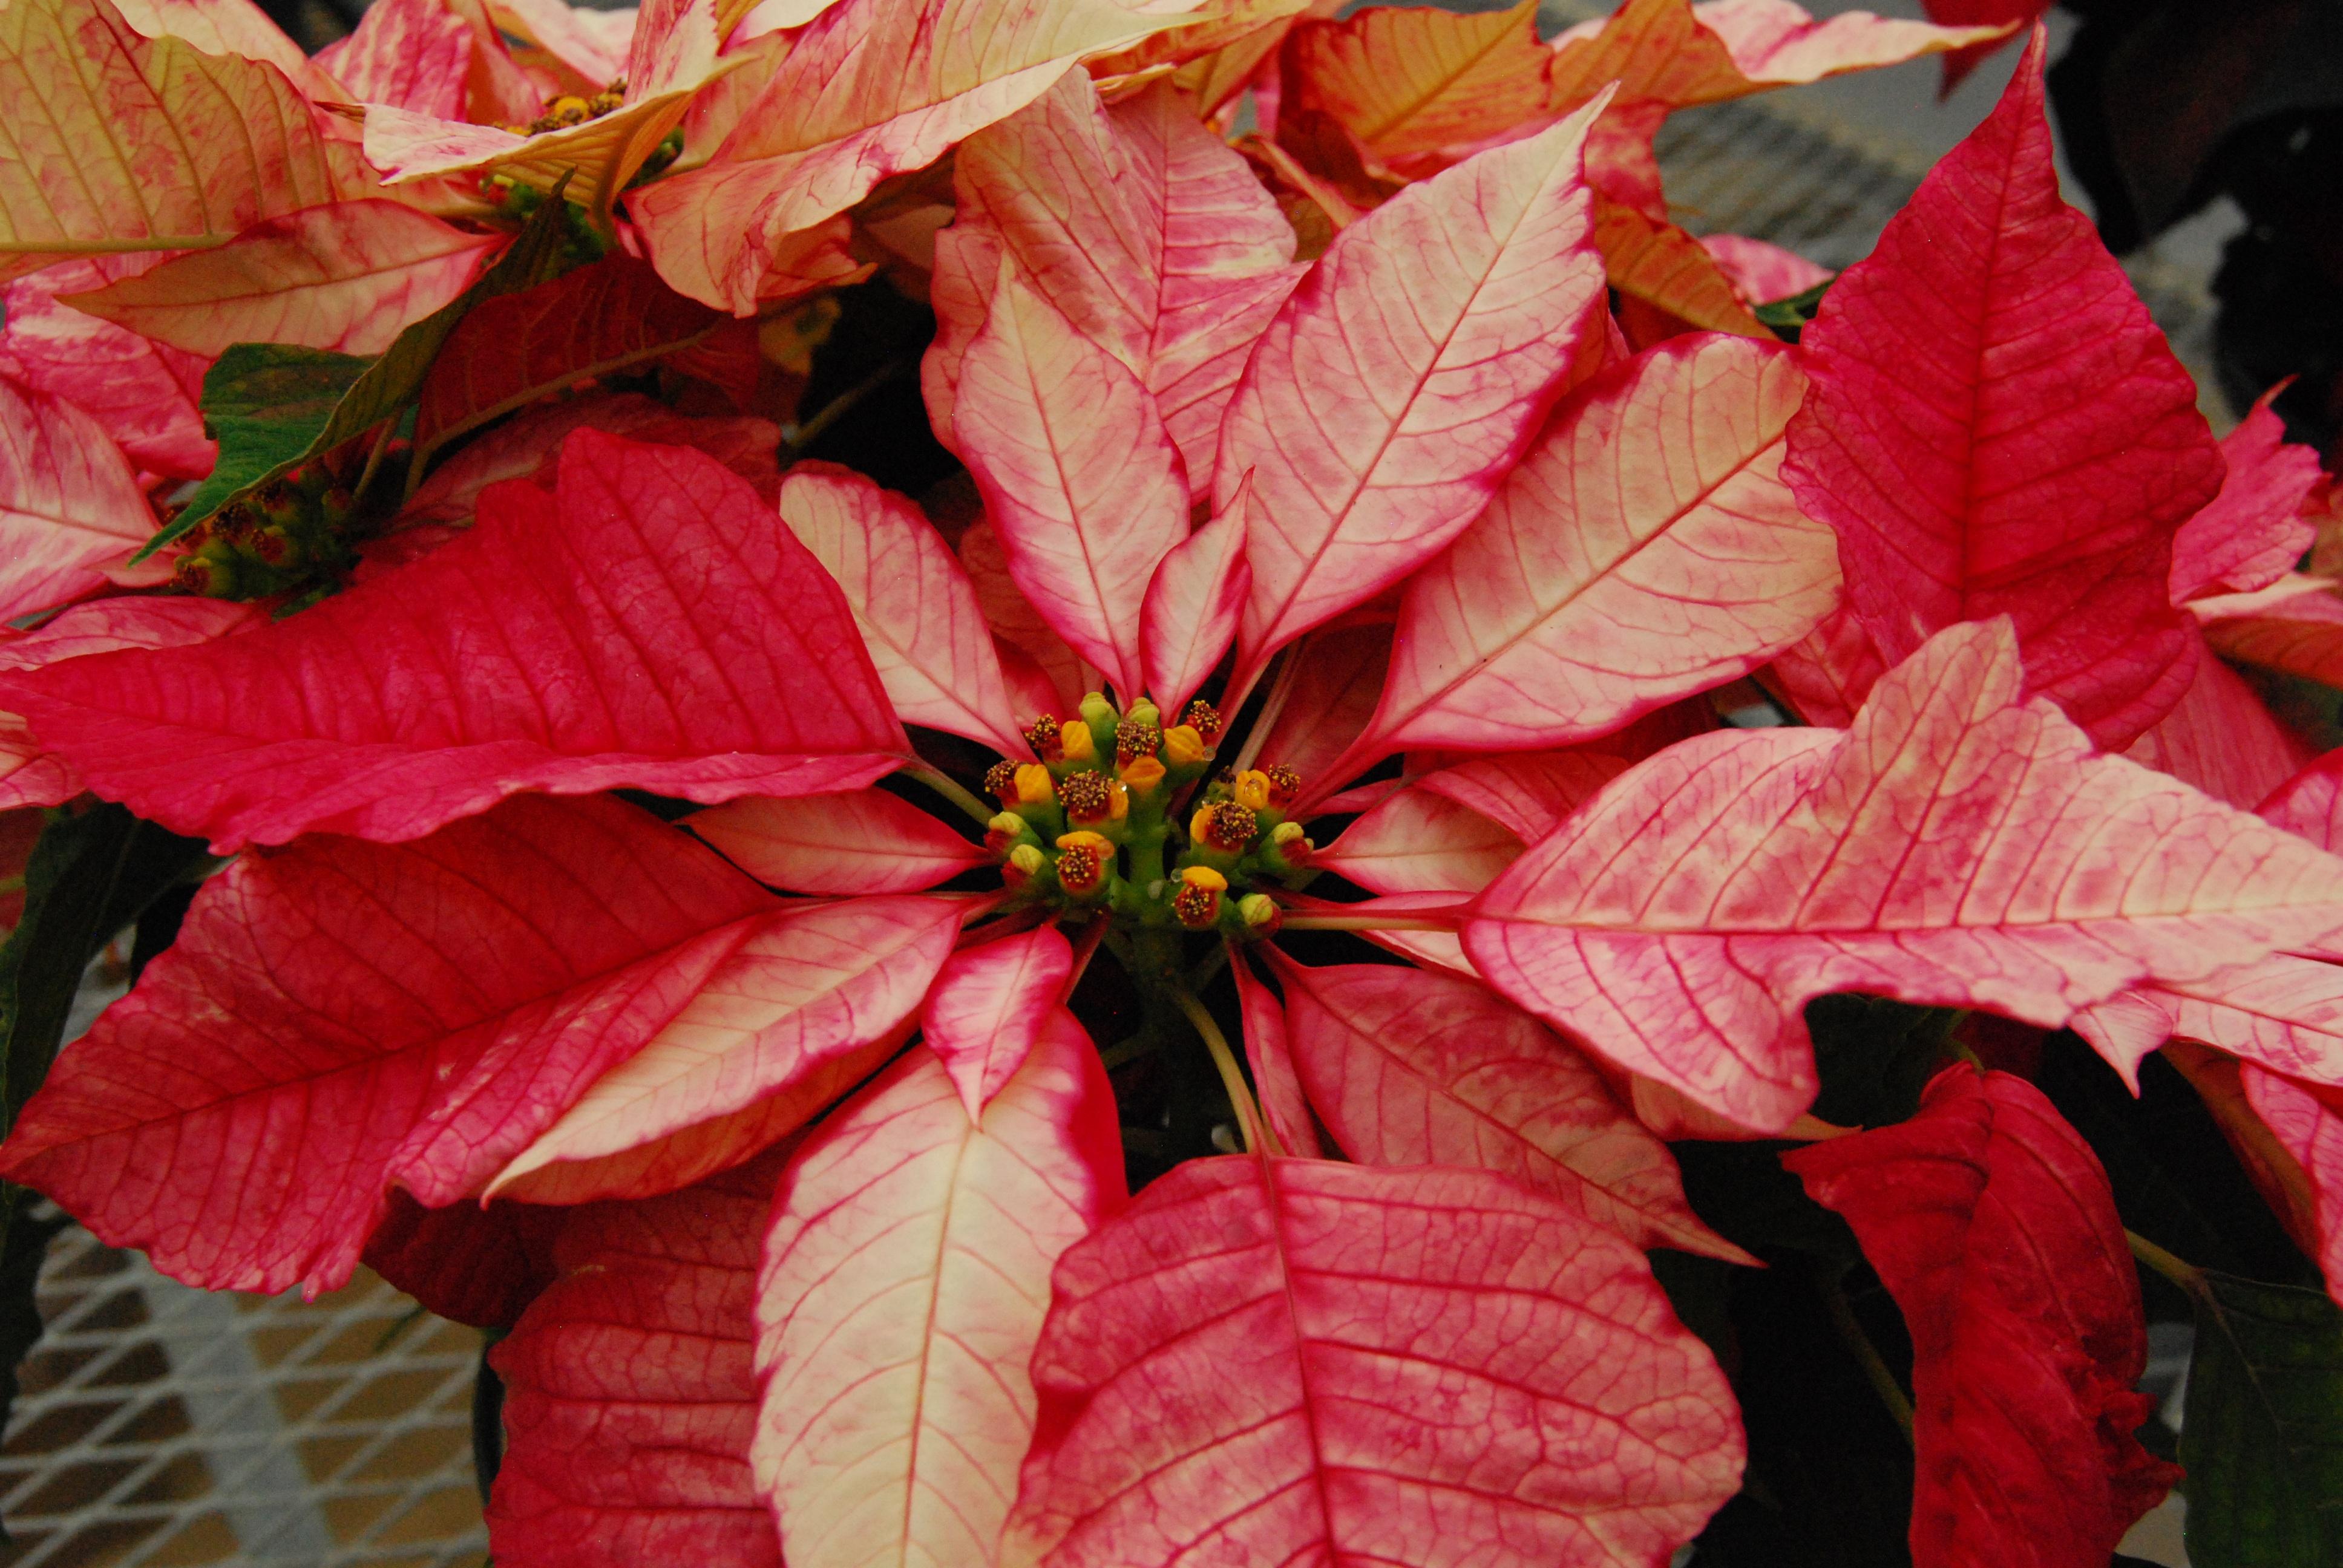 цветы с зелено красными листьями картинки табаков либерти обладают